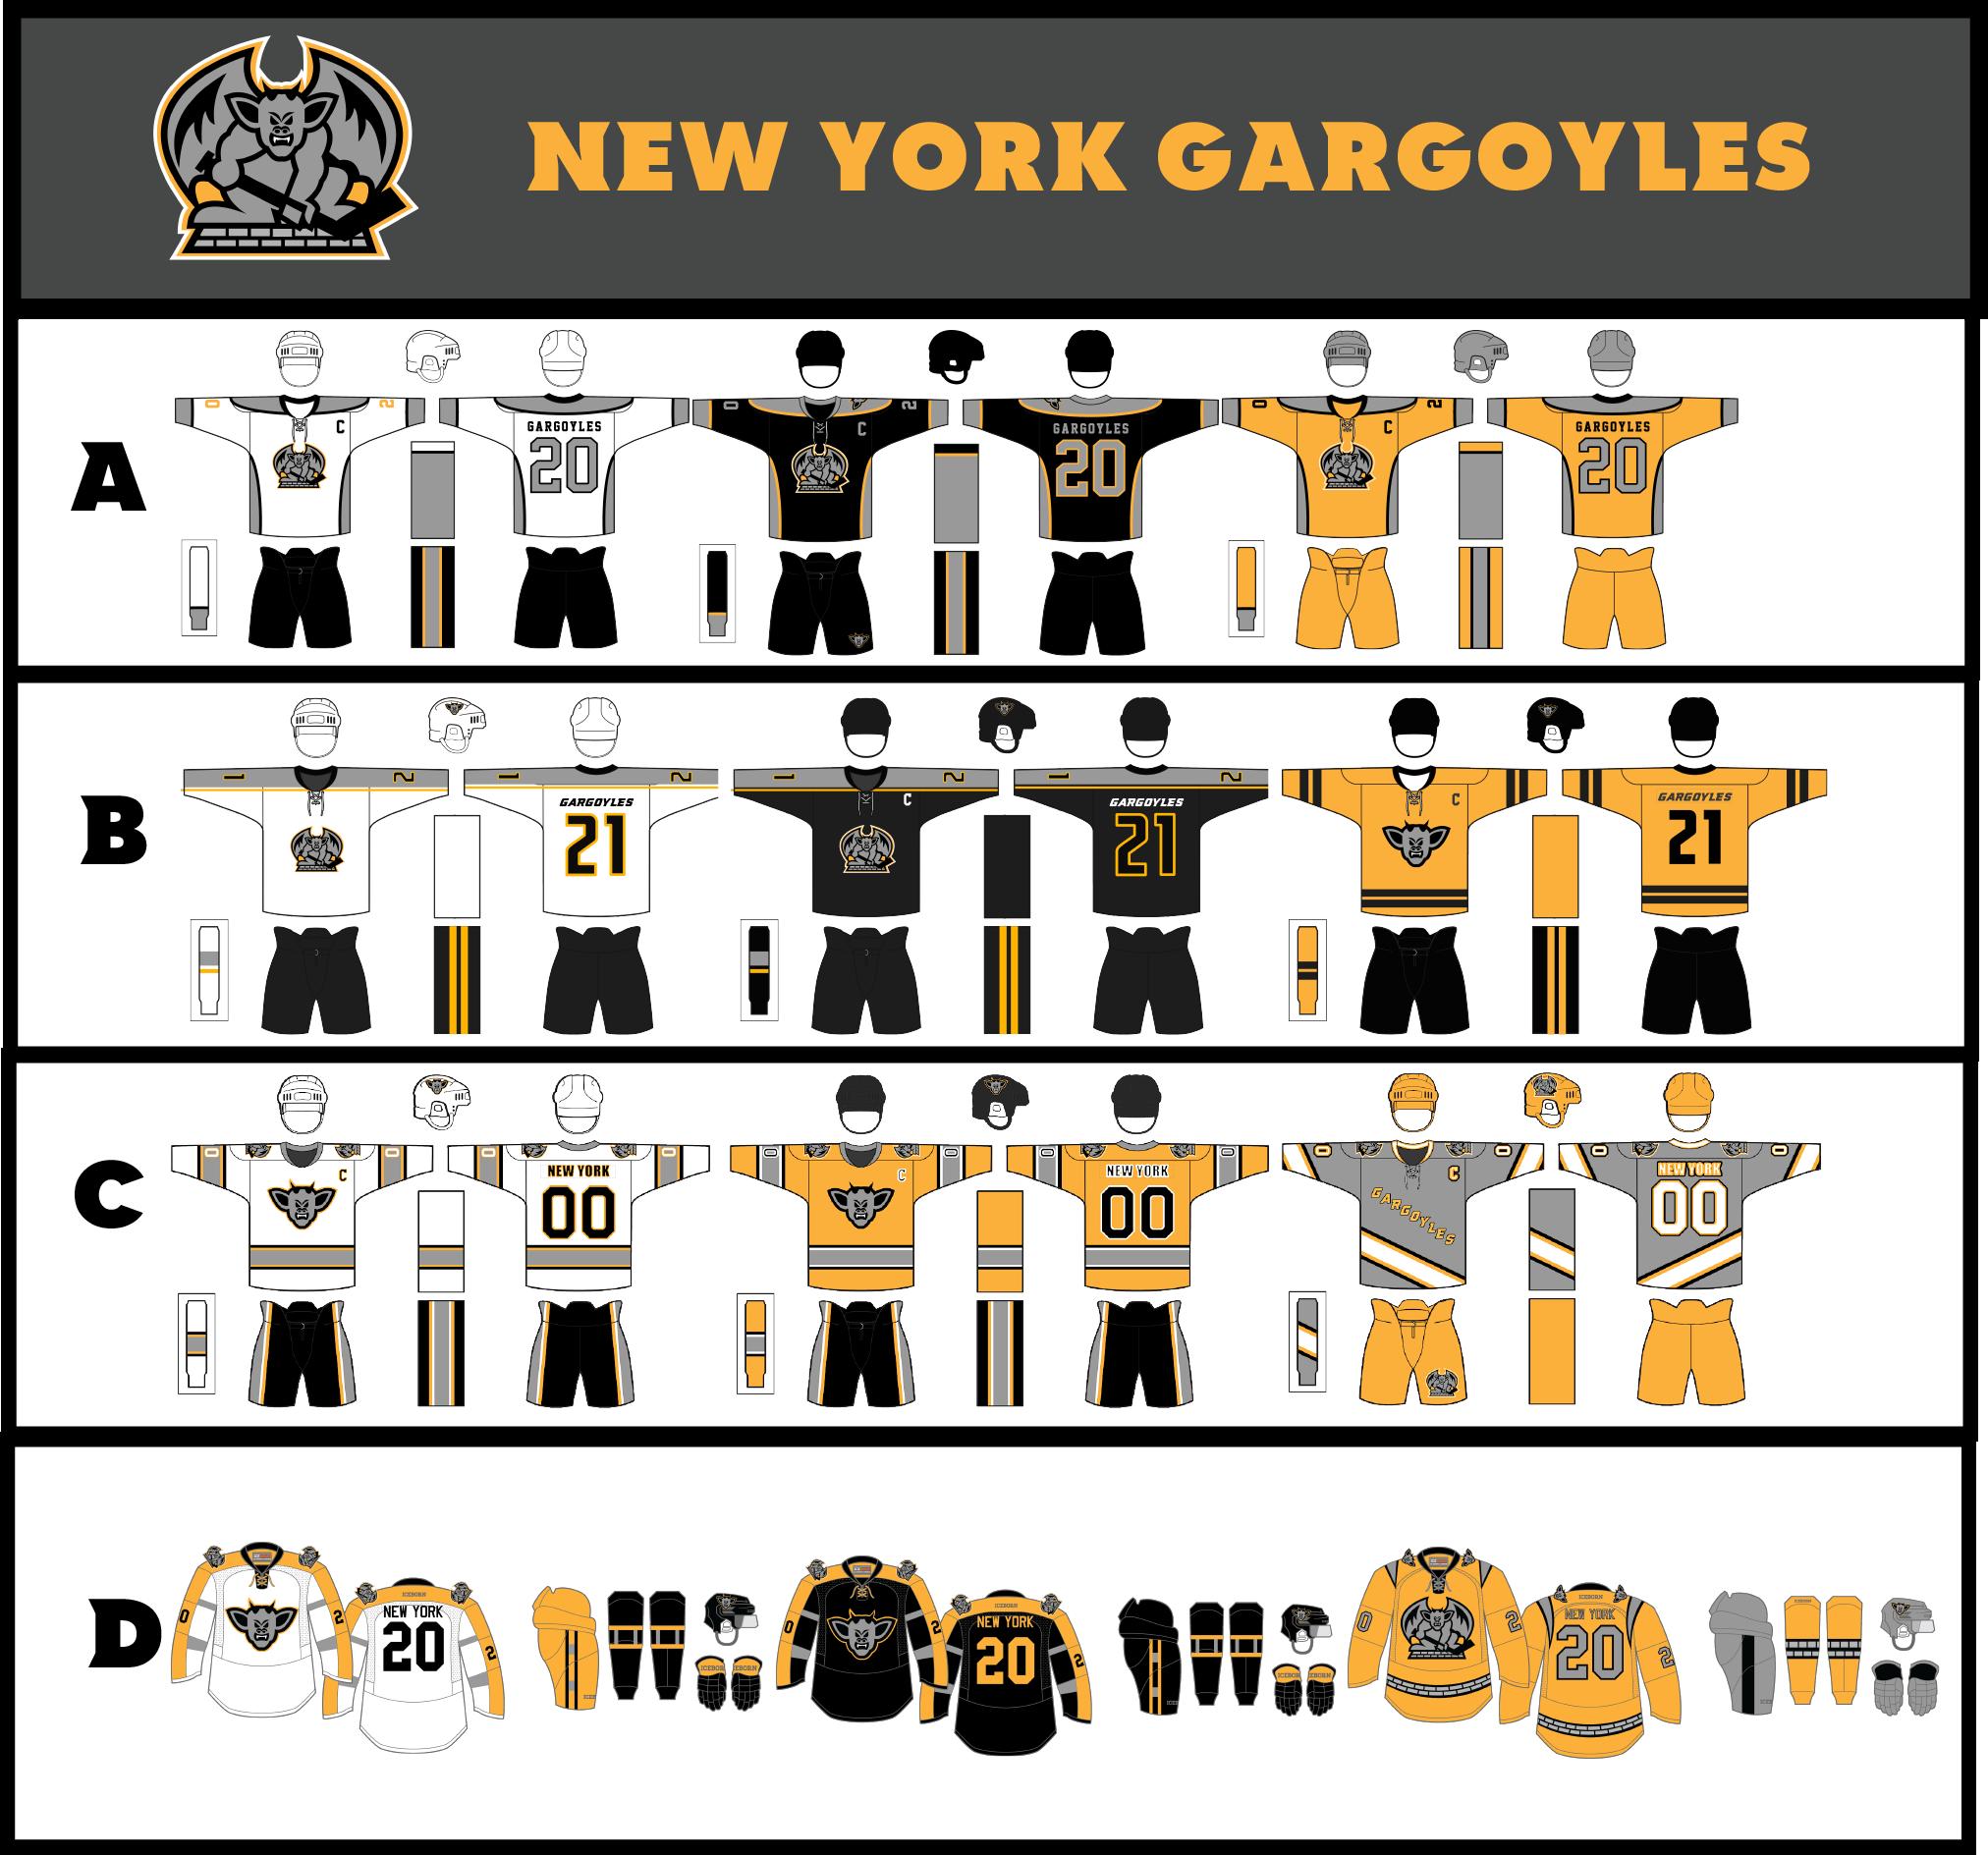 https://i.ibb.co/fxdBXhf/New-York-Gargoyles-Jerseys.png